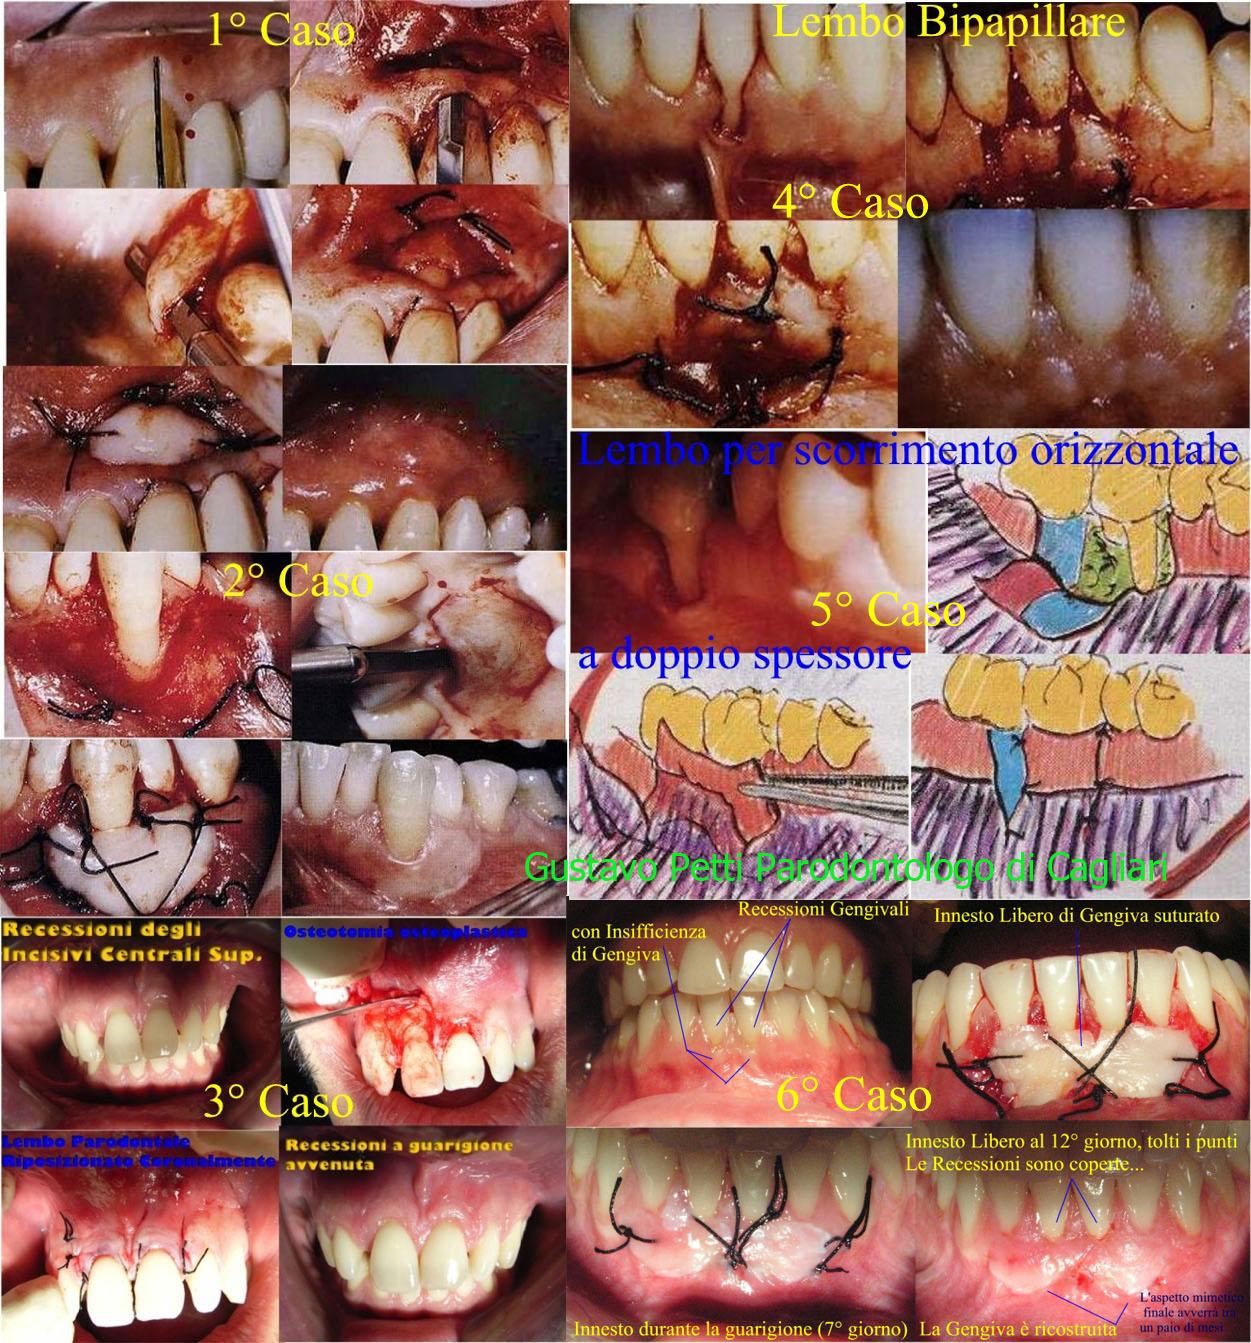 petti-gustavo-parodontologo-ca-recessioni-119.jpg